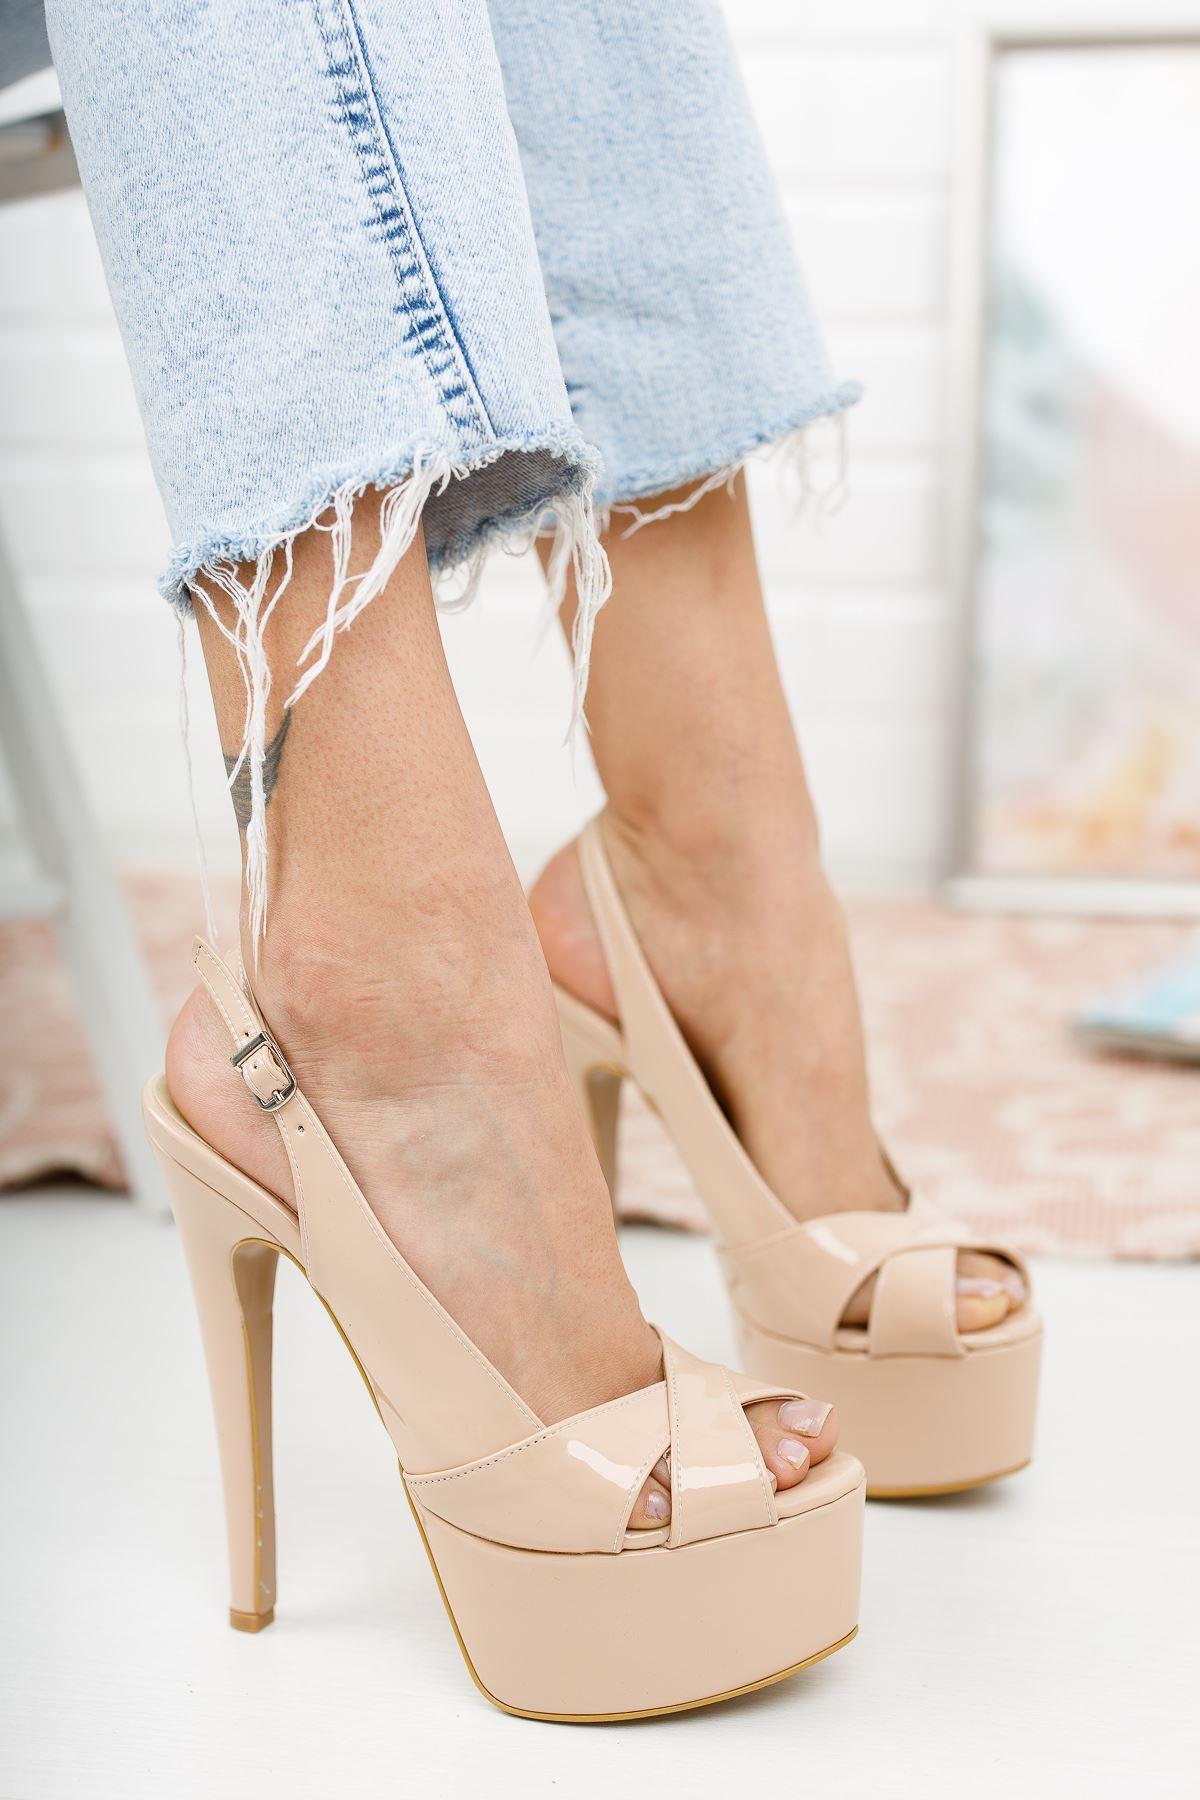 Acero Nude Rugan Yüksek Topuklu Kadın Ayakkabı